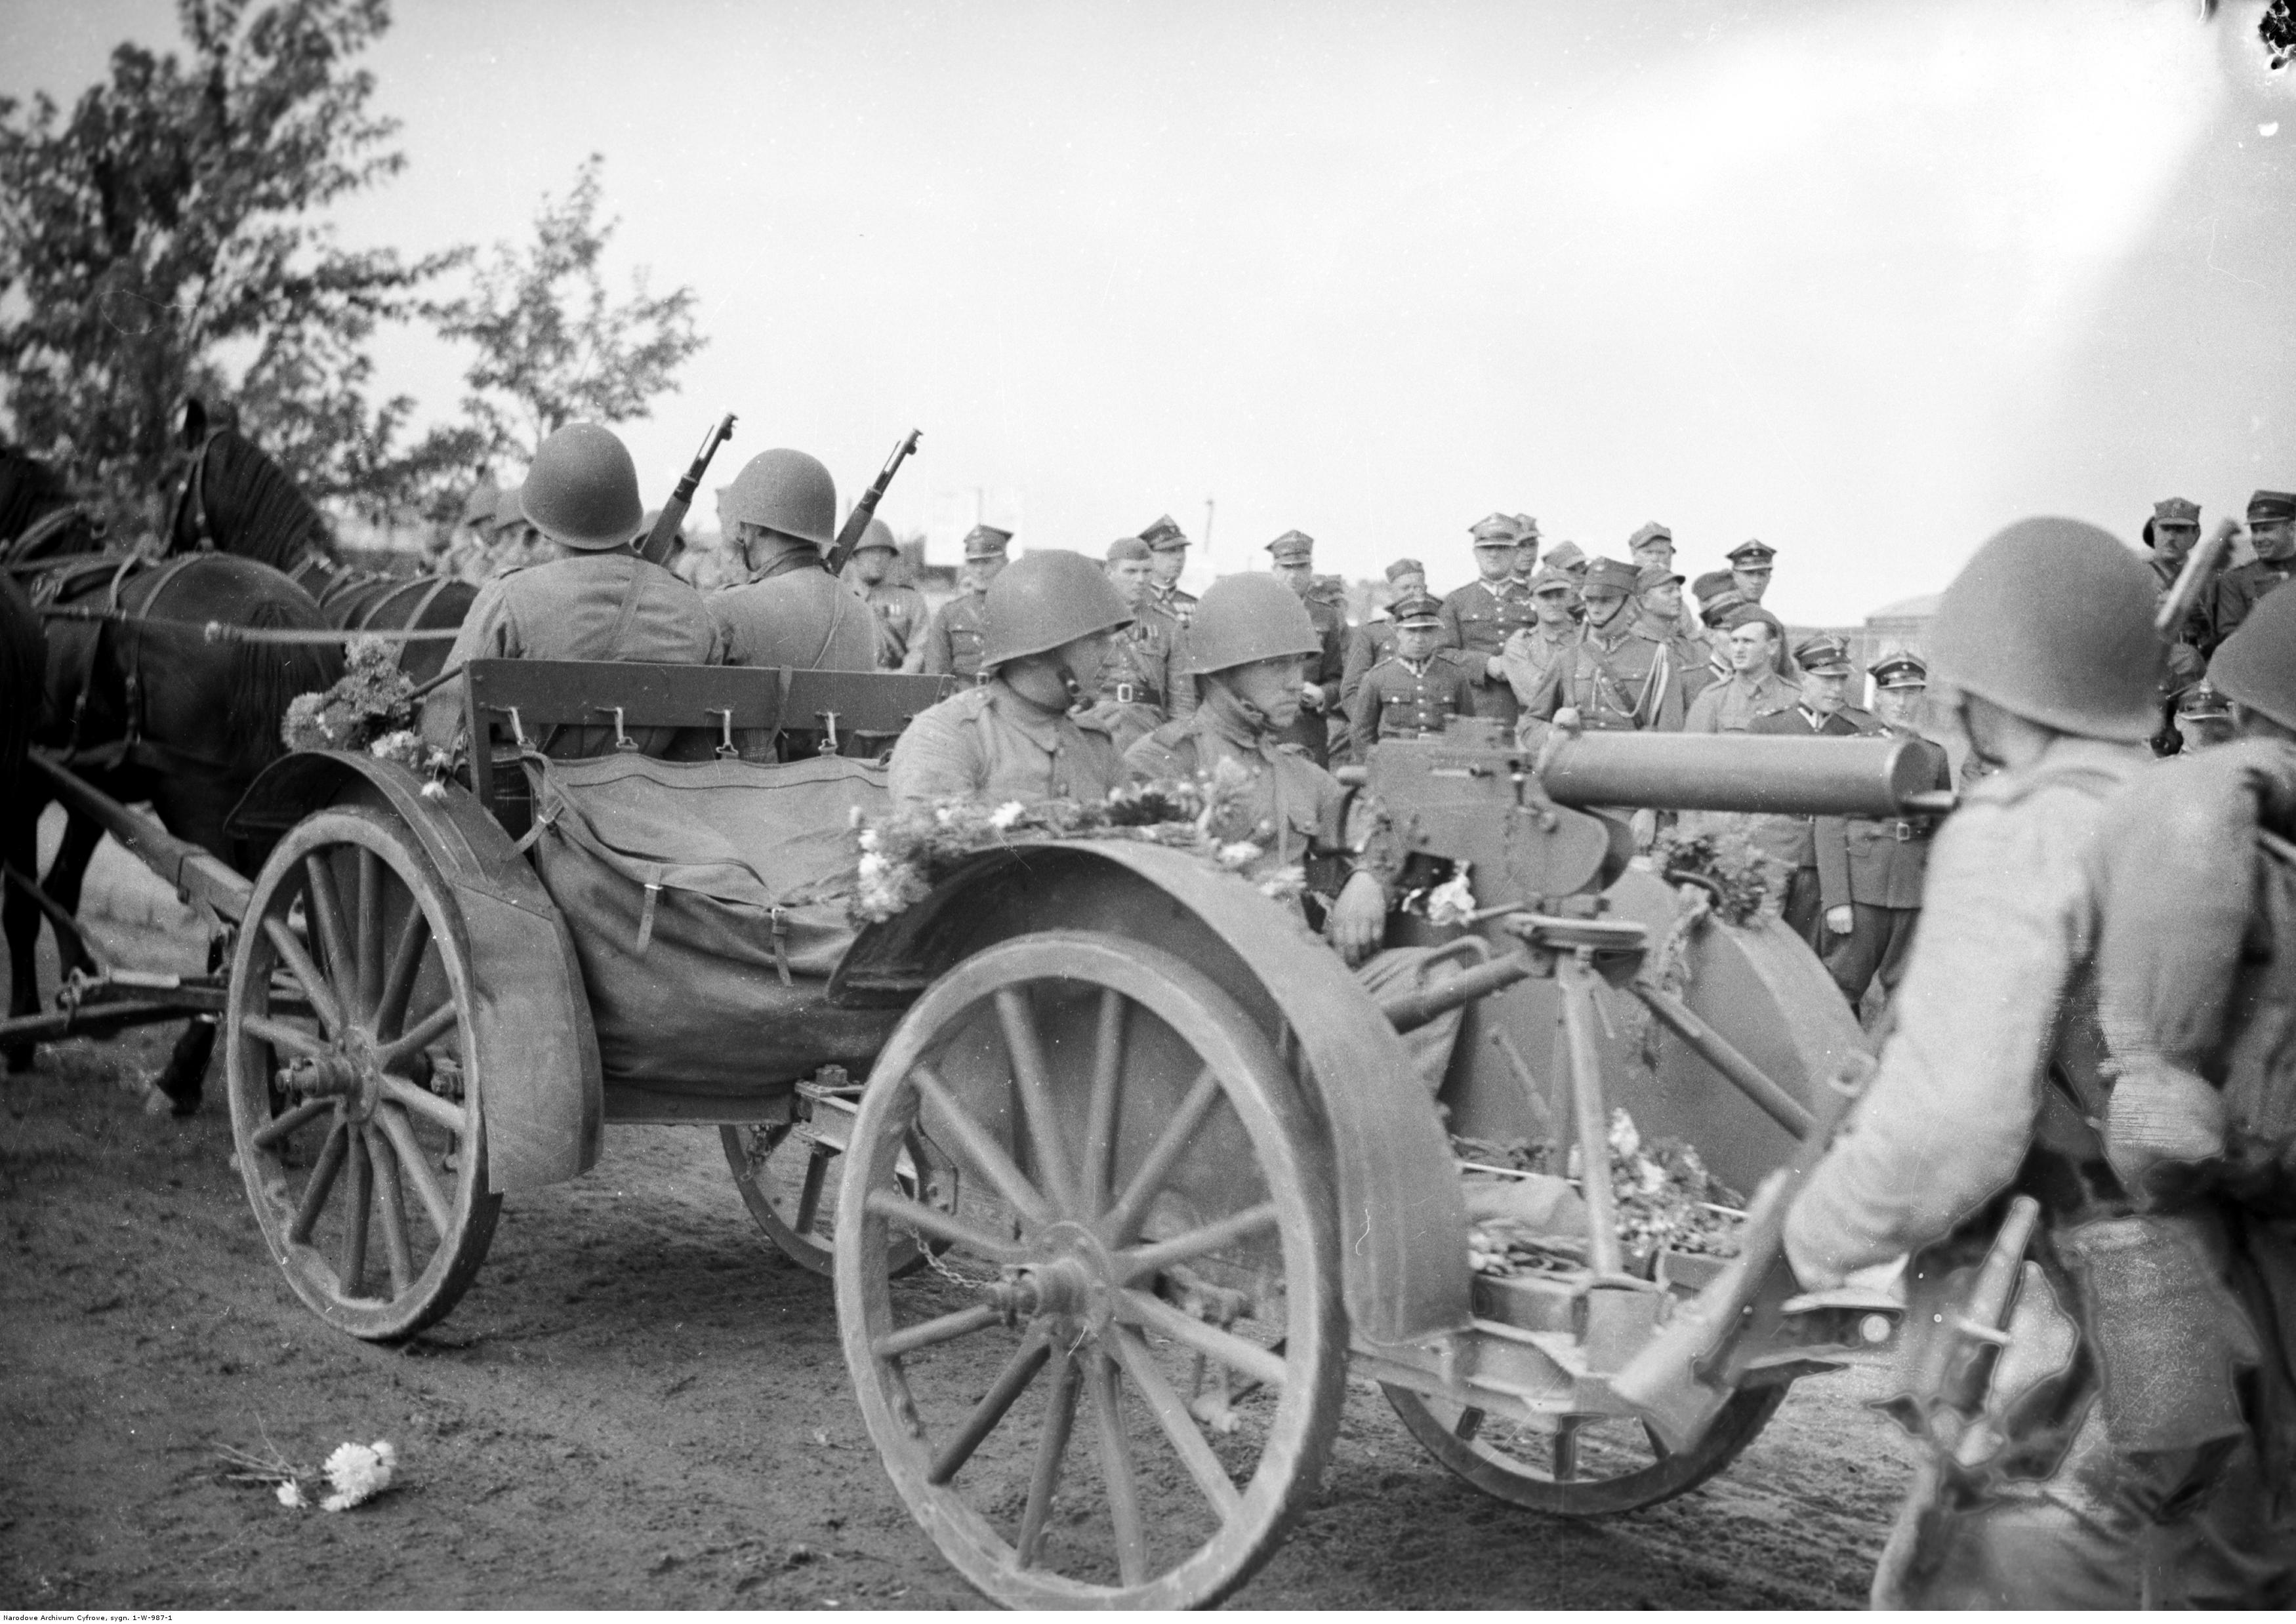 Powrót wojska po manewrach do Rzeszowa. Taczanka konna z ciężkim karabinem maszynowym Browning wz. 30., rok 1938-09